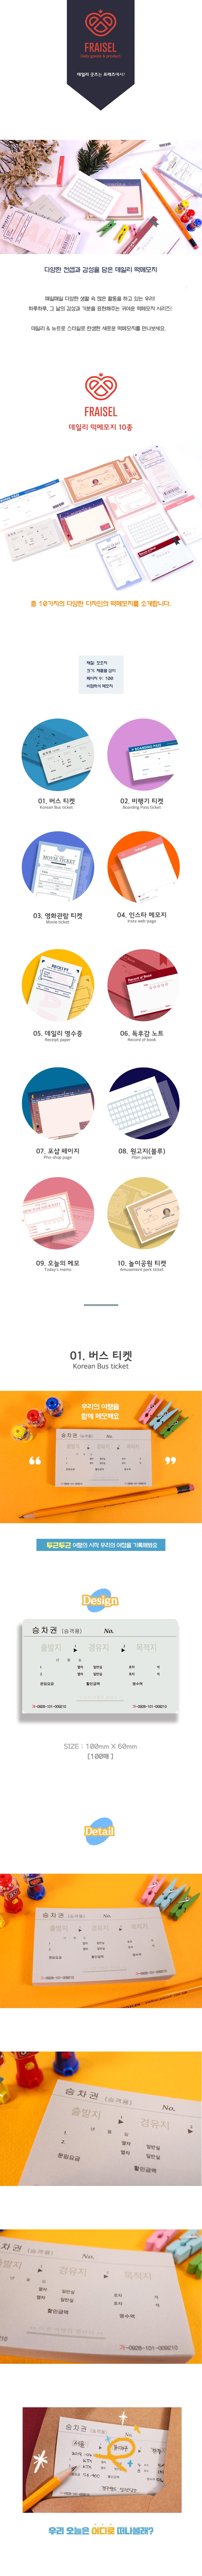 갓샵 핵 인싸 떡메모지 10종 떡메 인싸템 기획전 - 갓샵, 2,000원, 메모/점착메모, 메모지